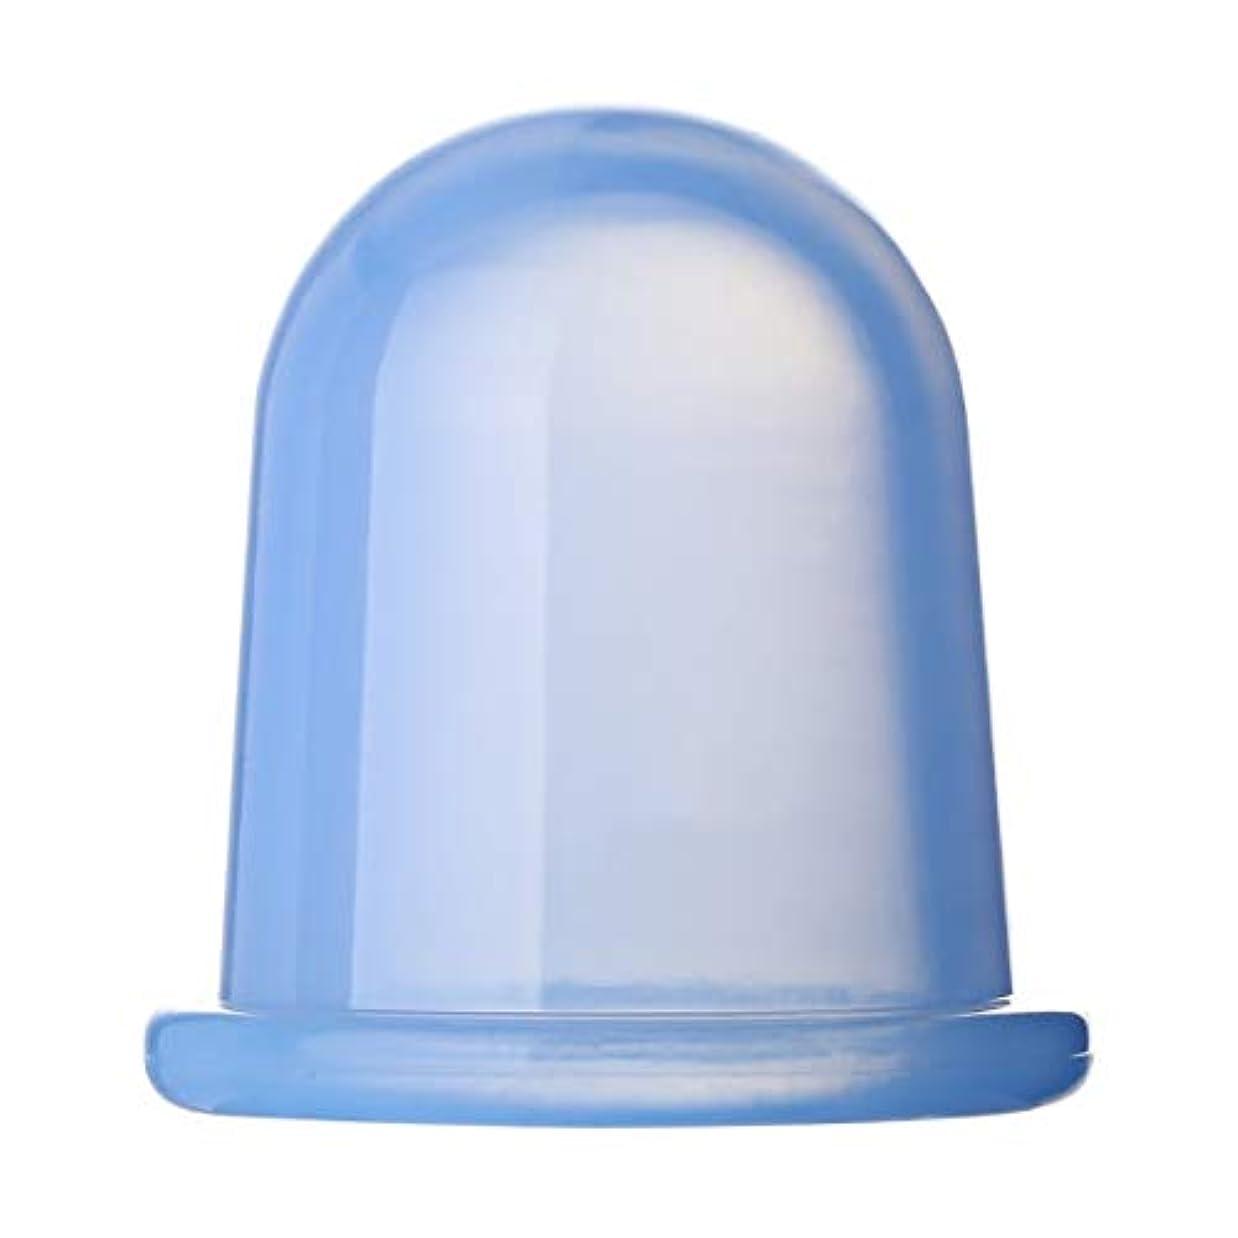 消費王室背骨耐久性のあるヘルスケア全身真空マッサージシリコーンカップアンチセルライトは、家族のための物理的疲労ストレスを和らげます - ブルー